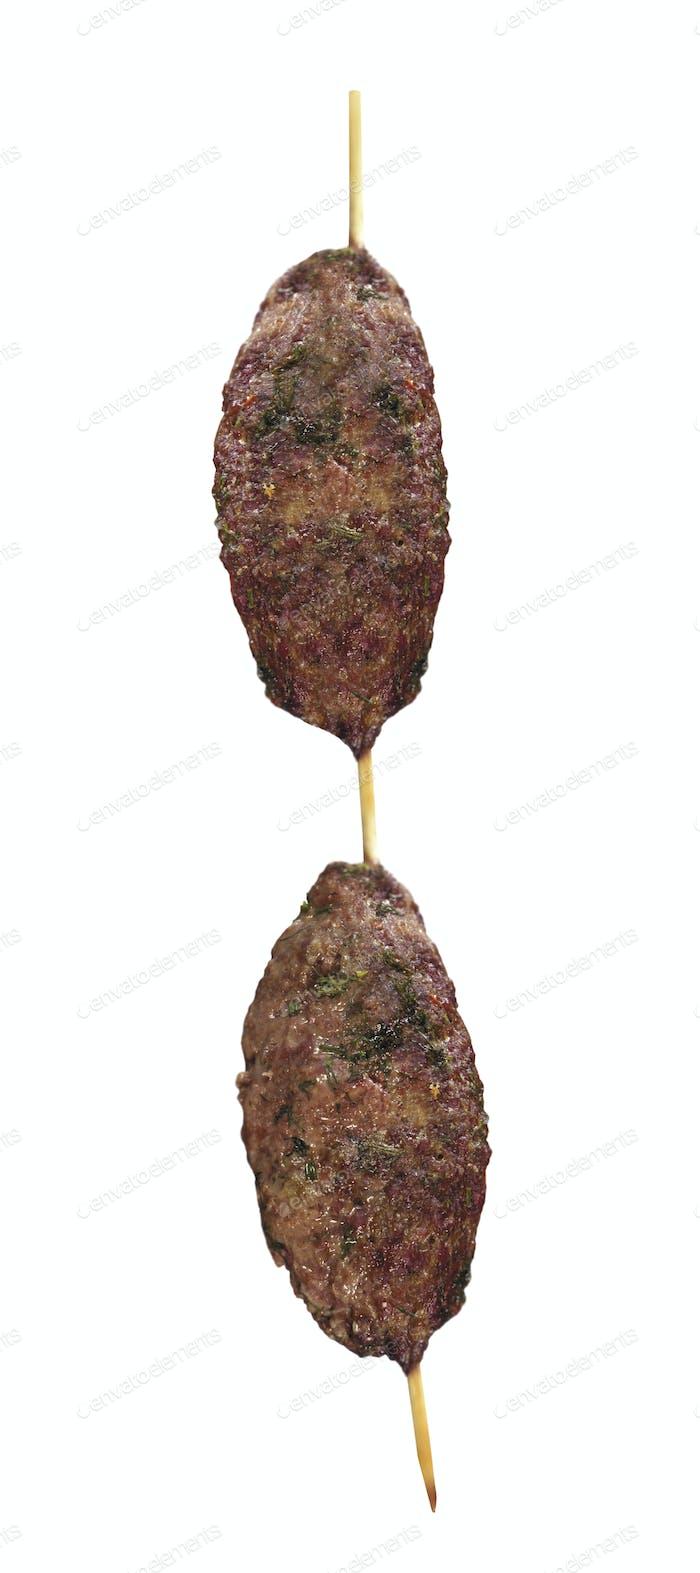 Shish kebab isolated on white